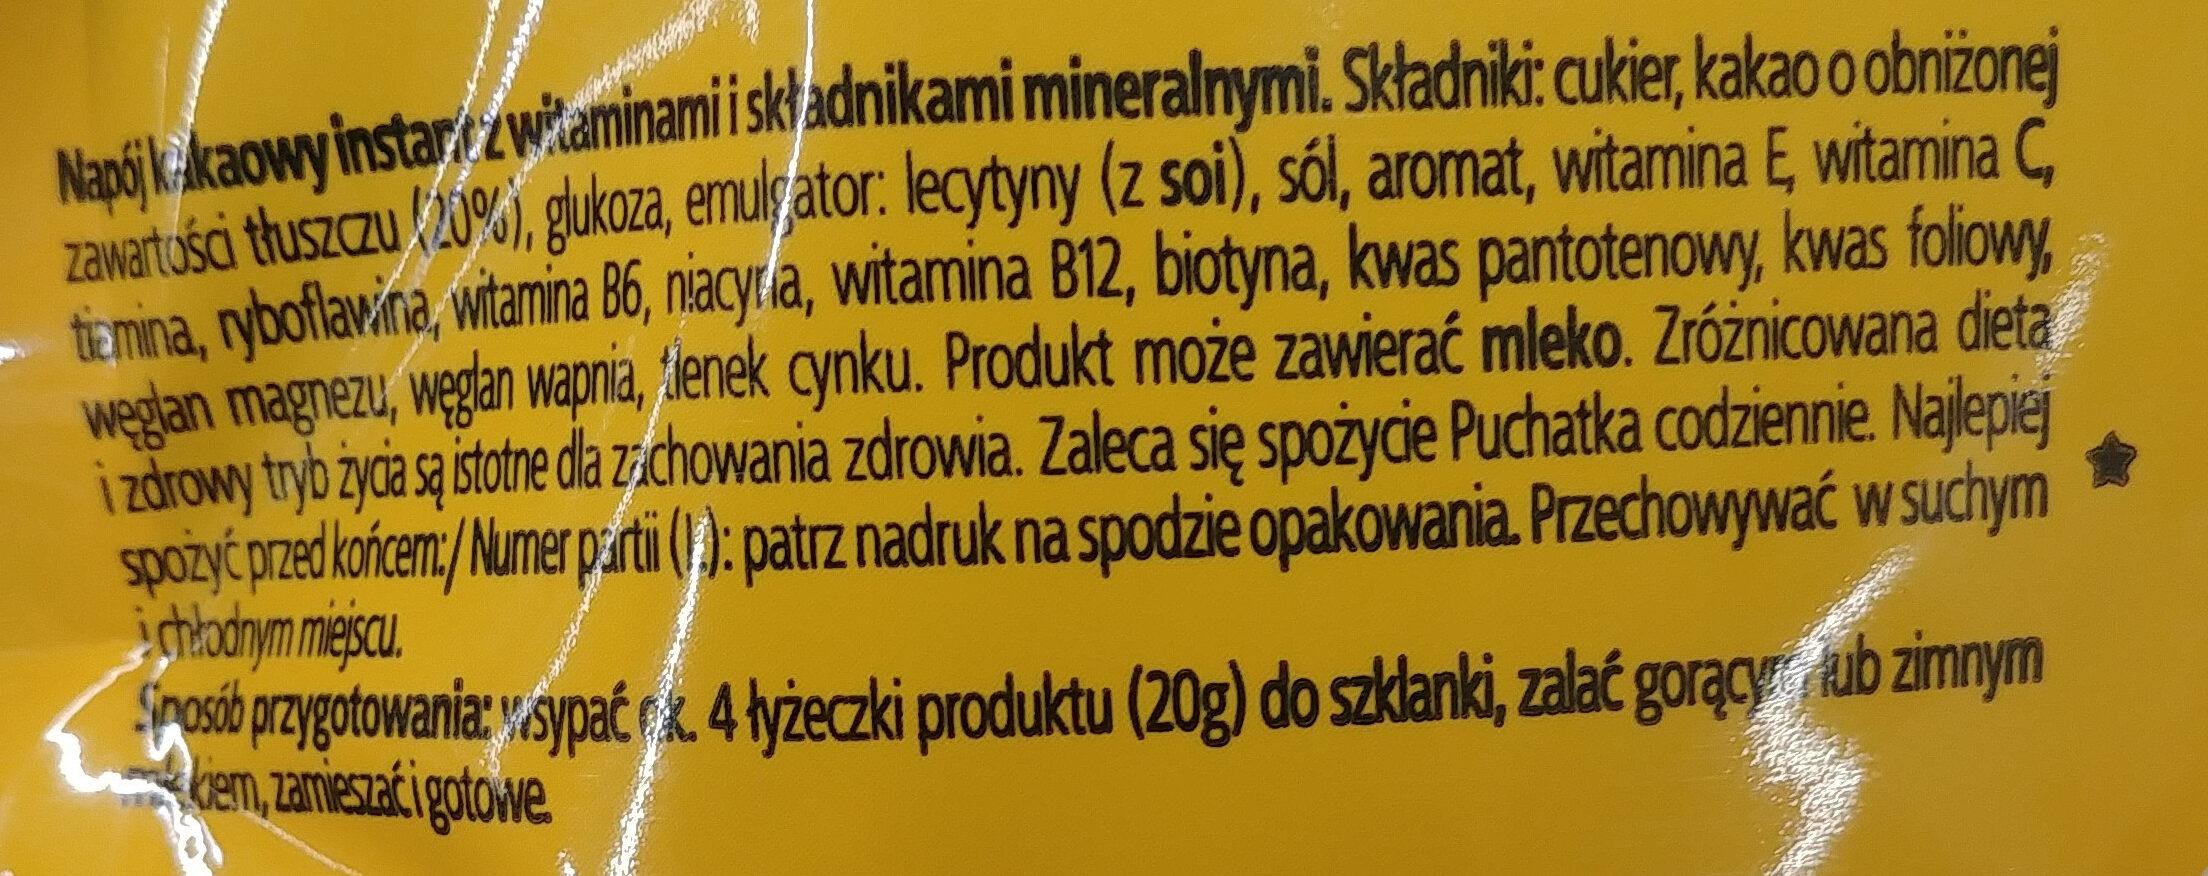 Napój kakaowy instant z witaminami i składnikami mineralnymi. - Ingredients - en